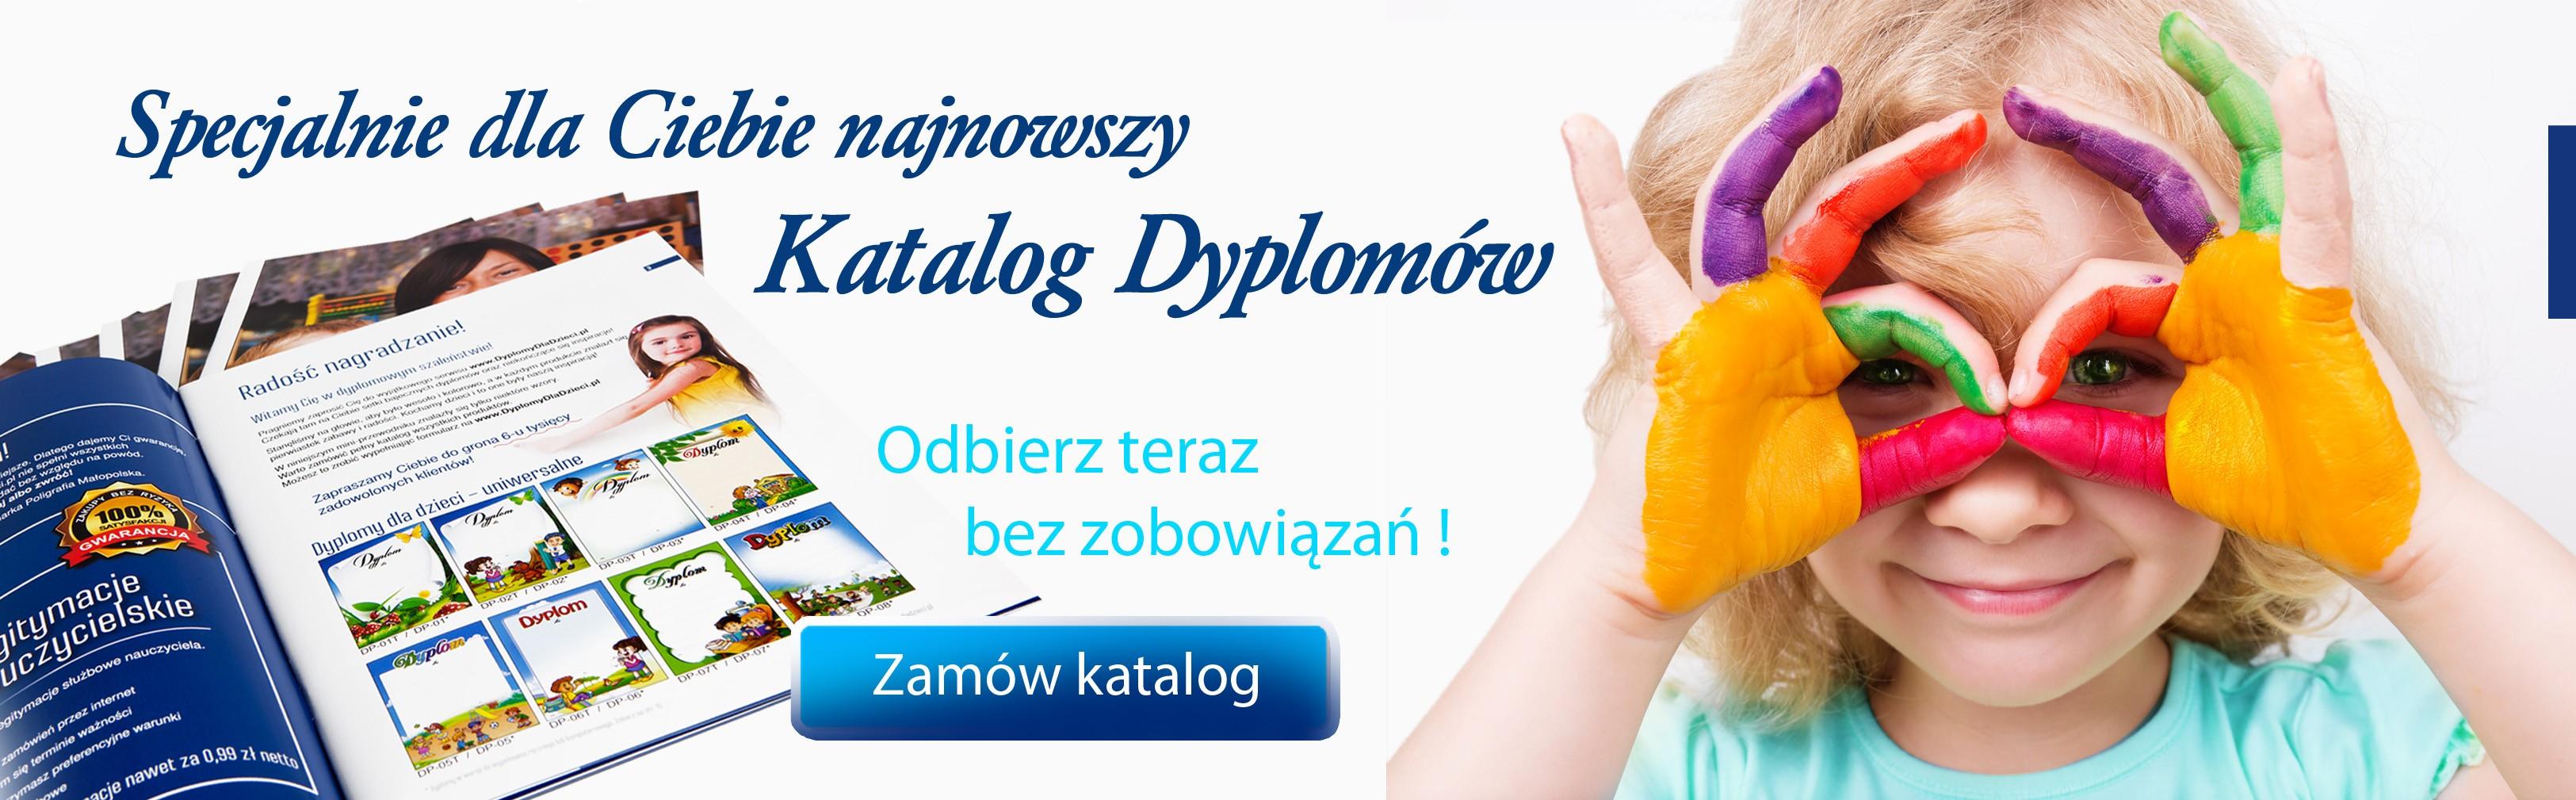 Zamow_katalog